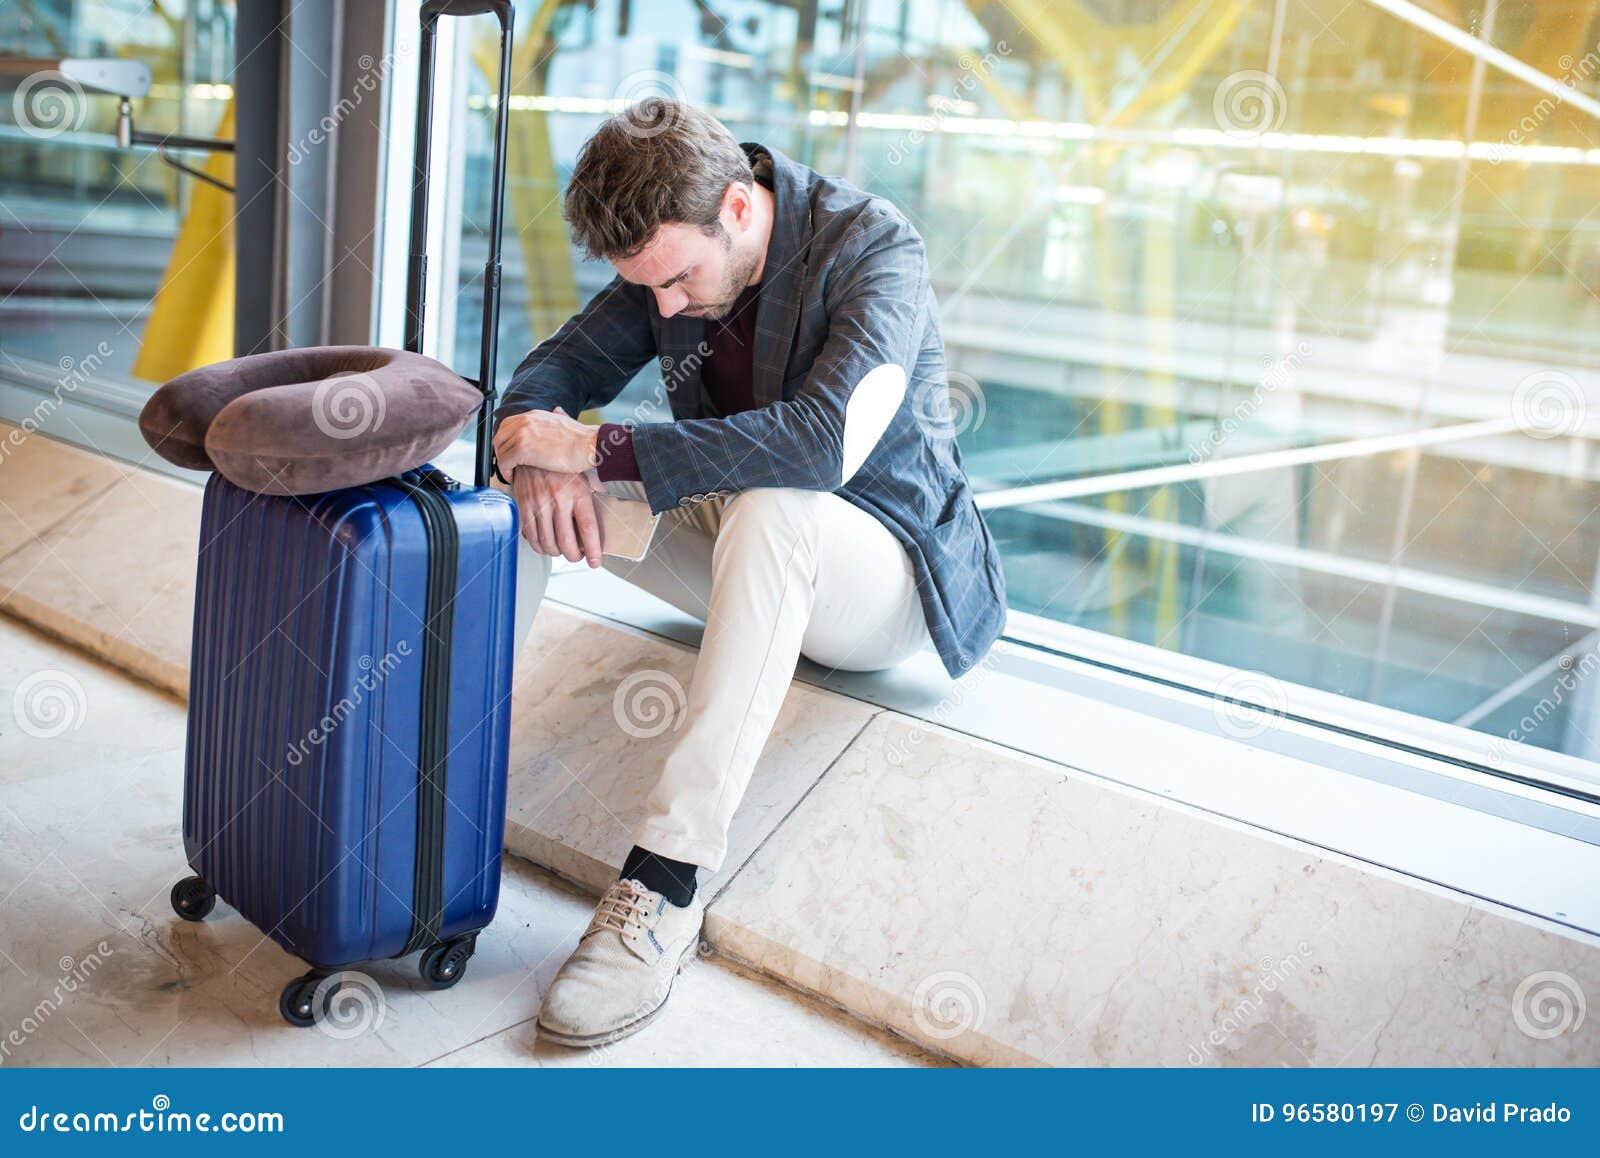 Mannumkippen, traurig und verärgert am Flughafen sein Flug wird verzögert